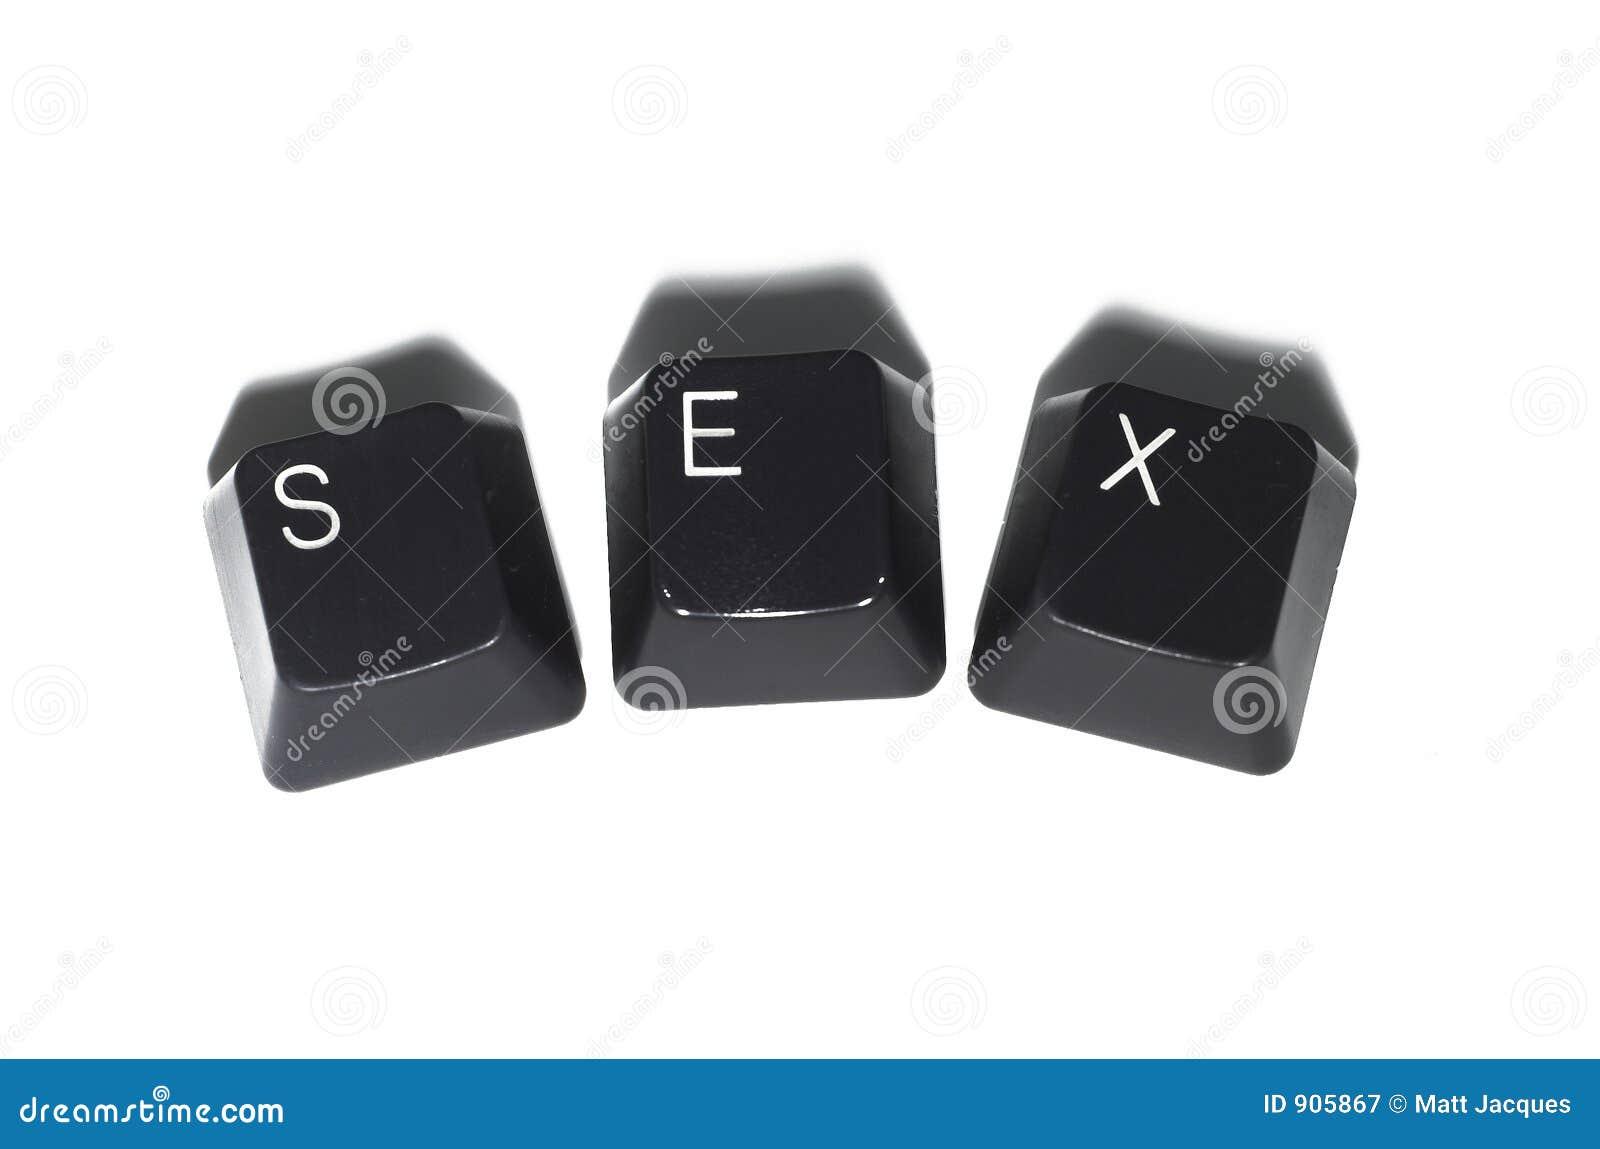 вне секс сказал по буквам